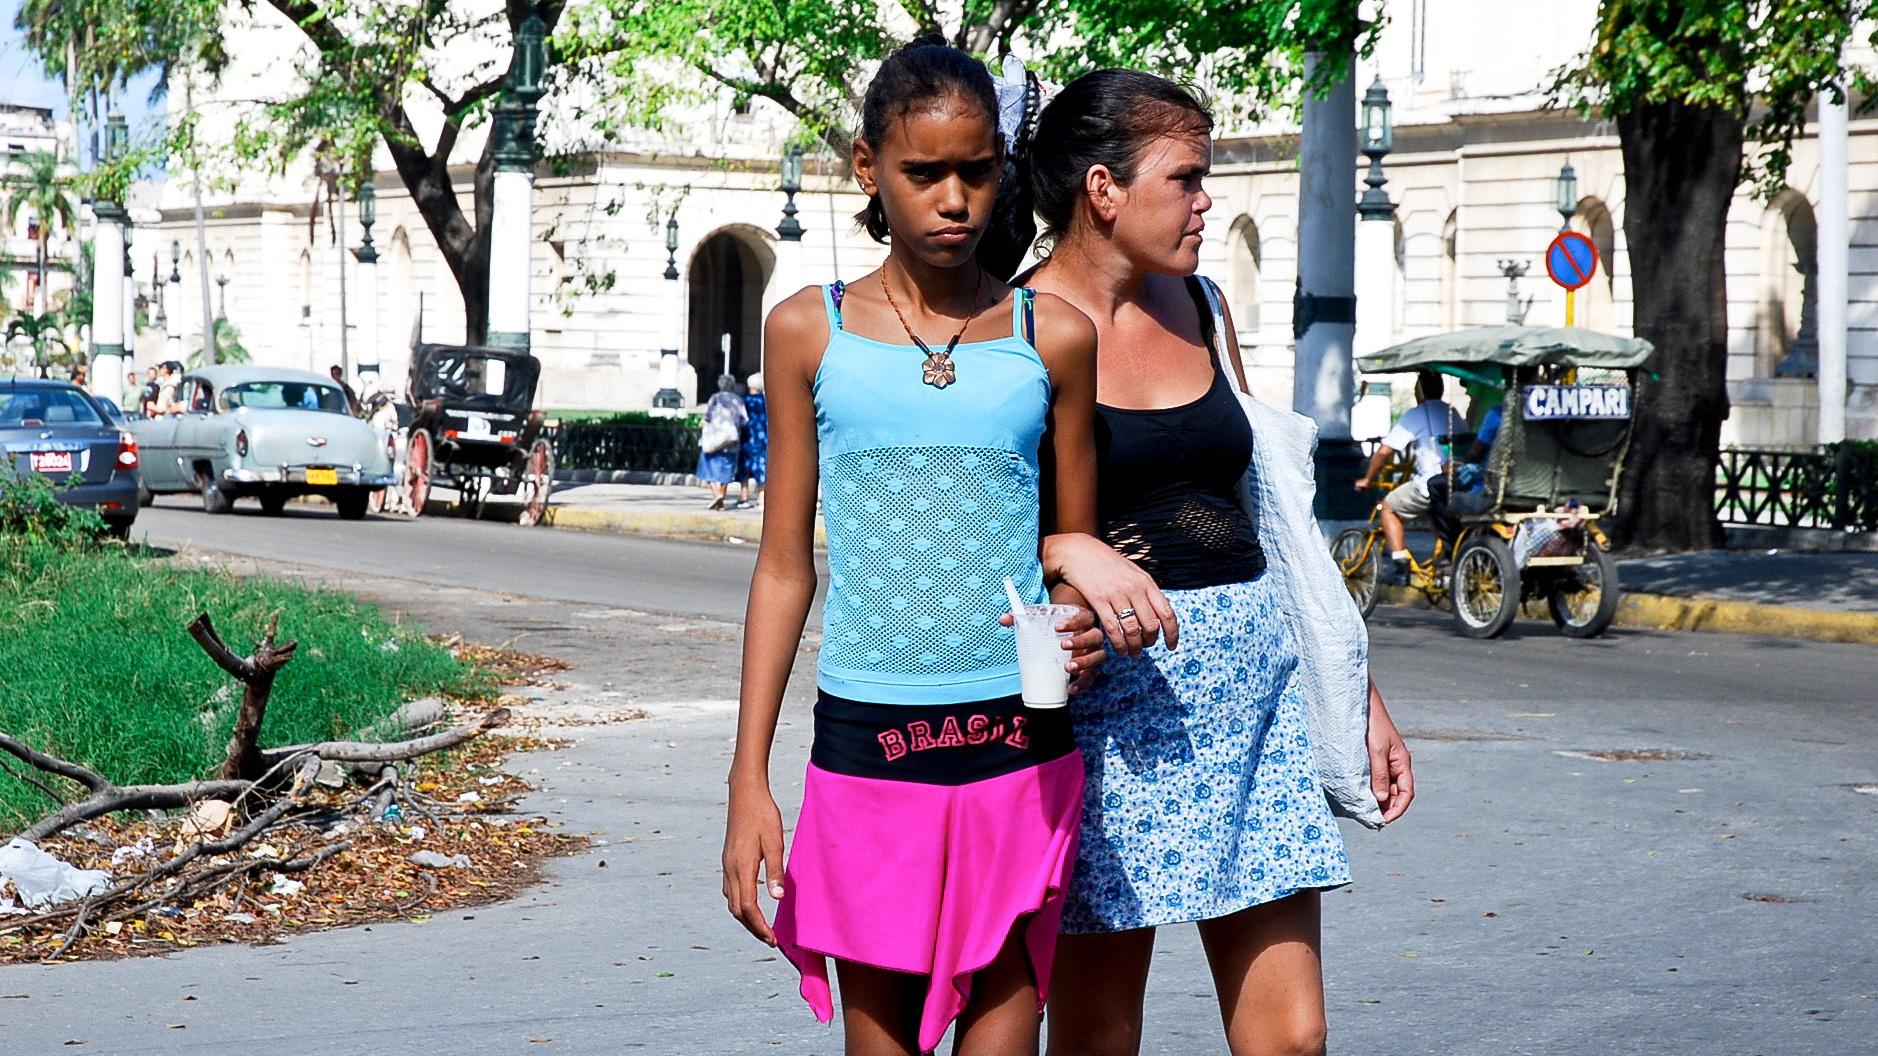 Cuban girls young